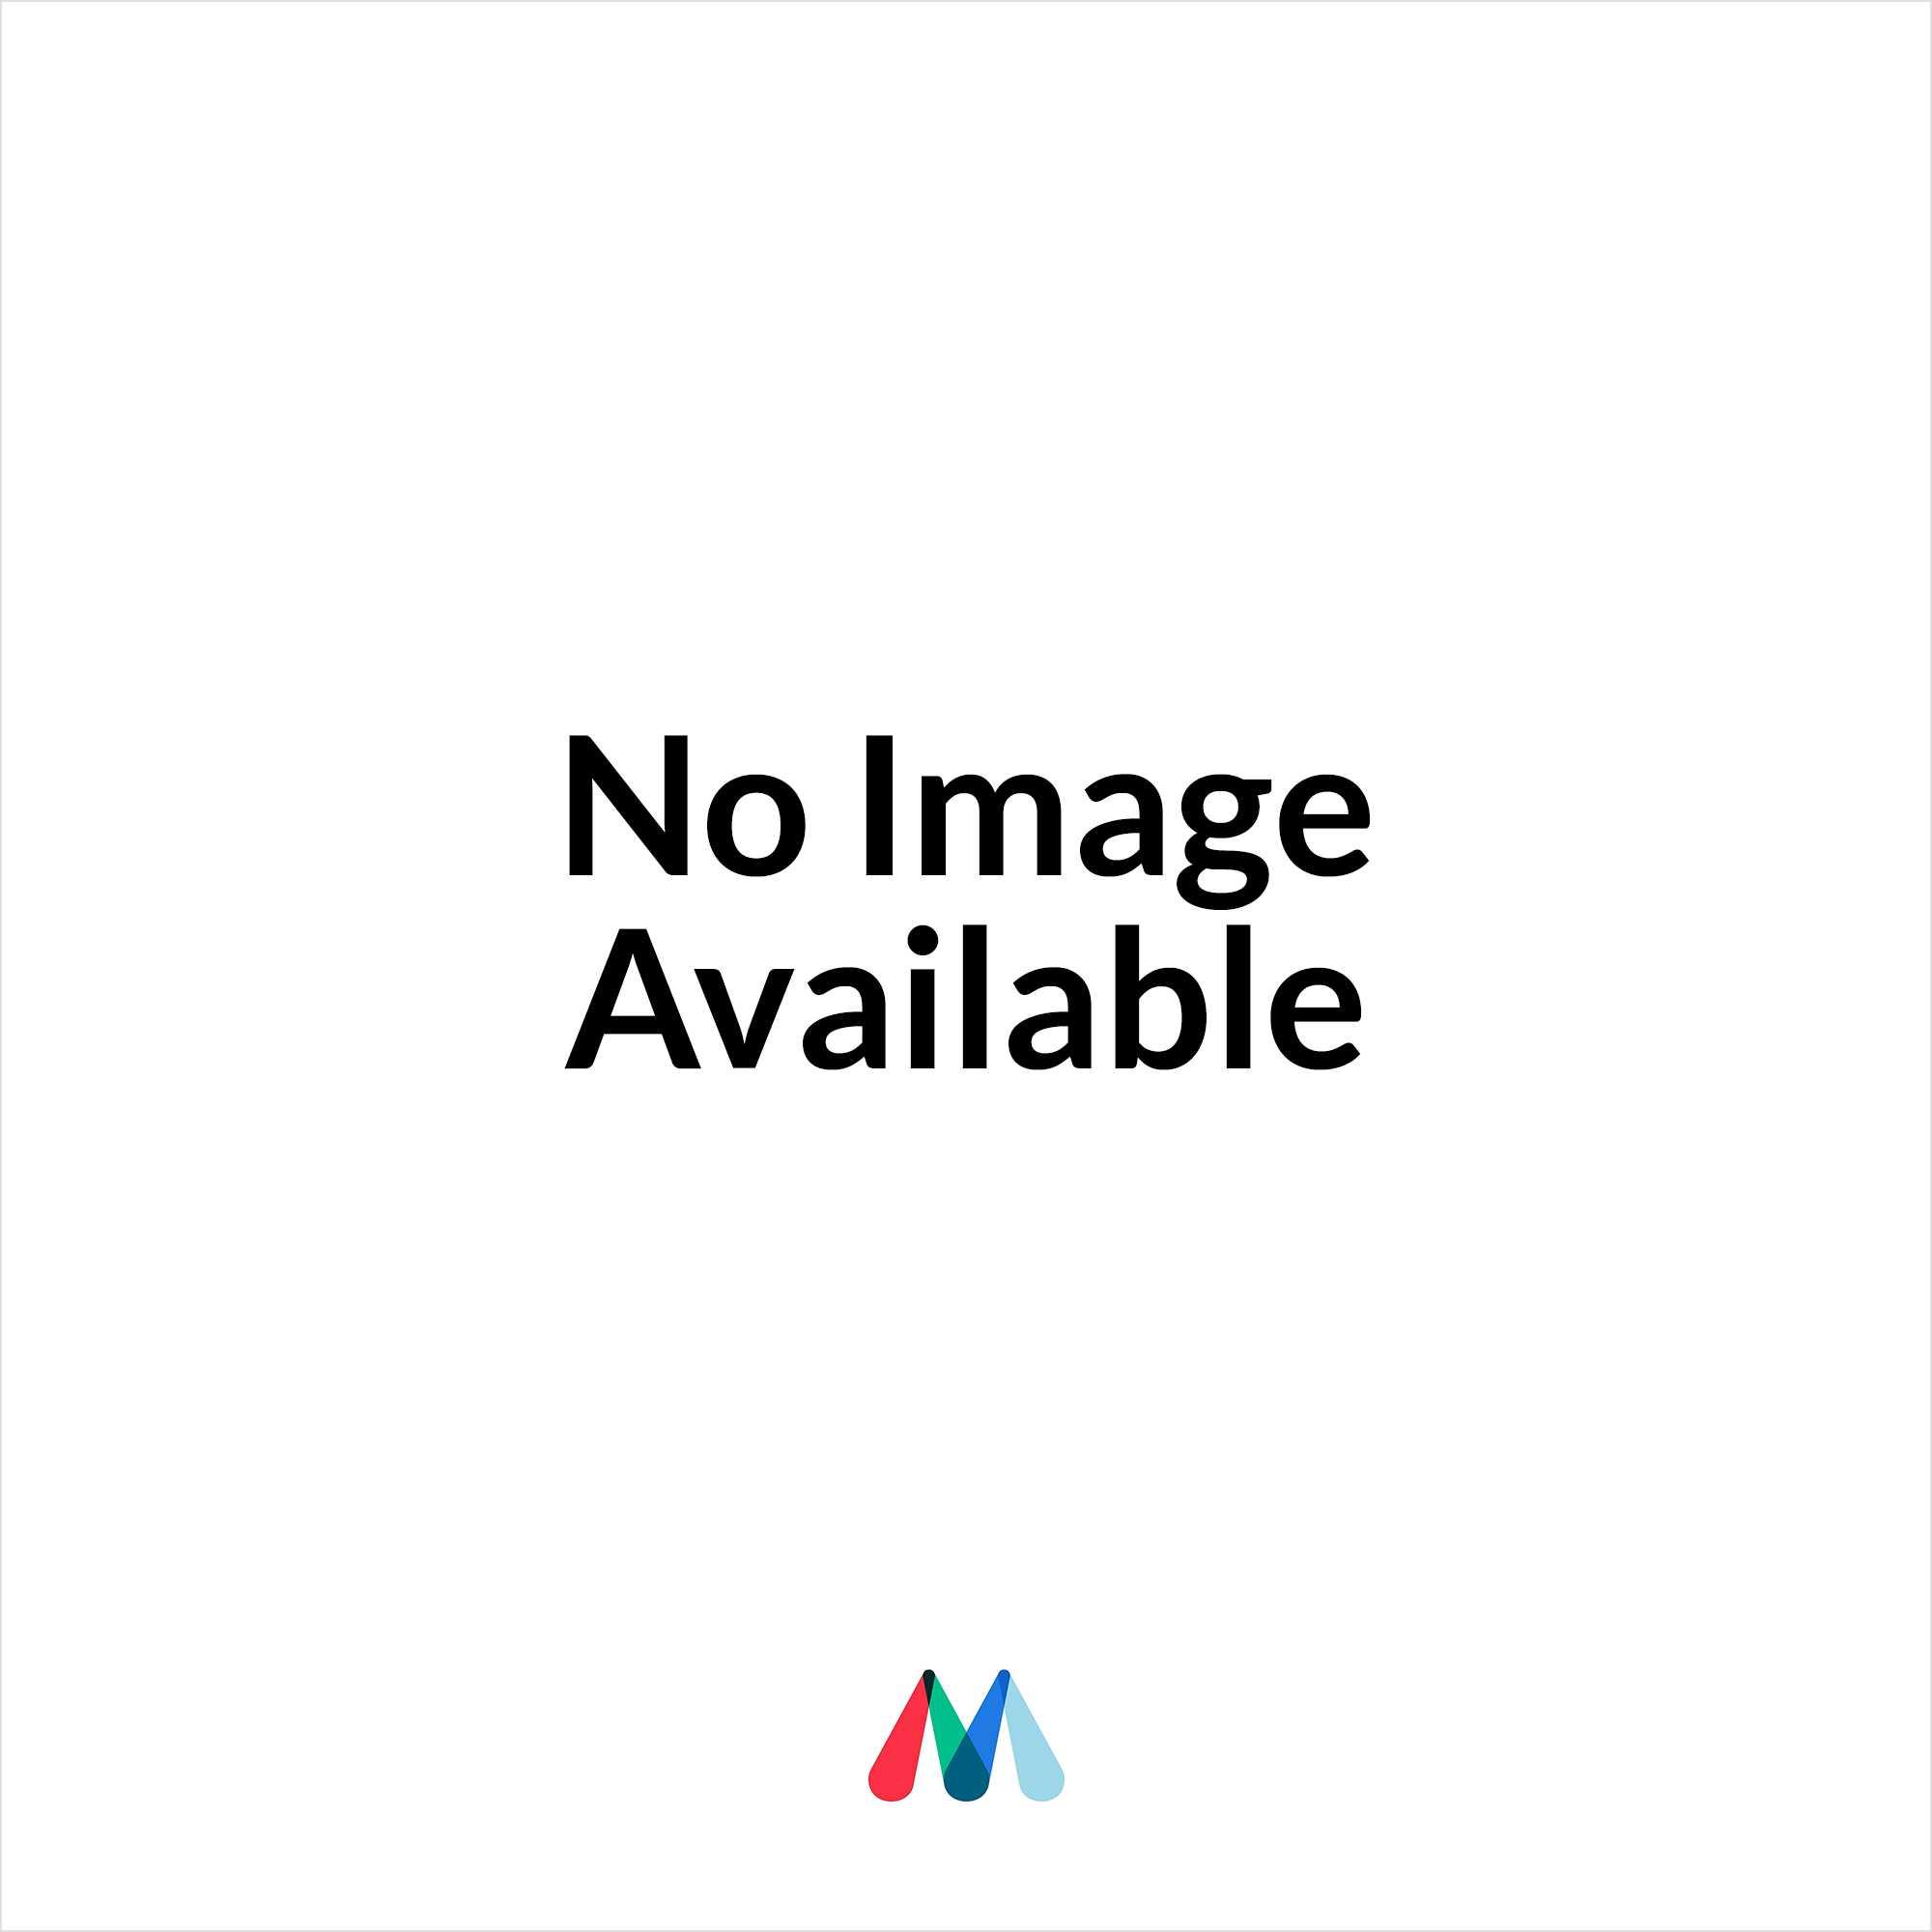 MF02 IP adjustable LED mini light - Stainless steel